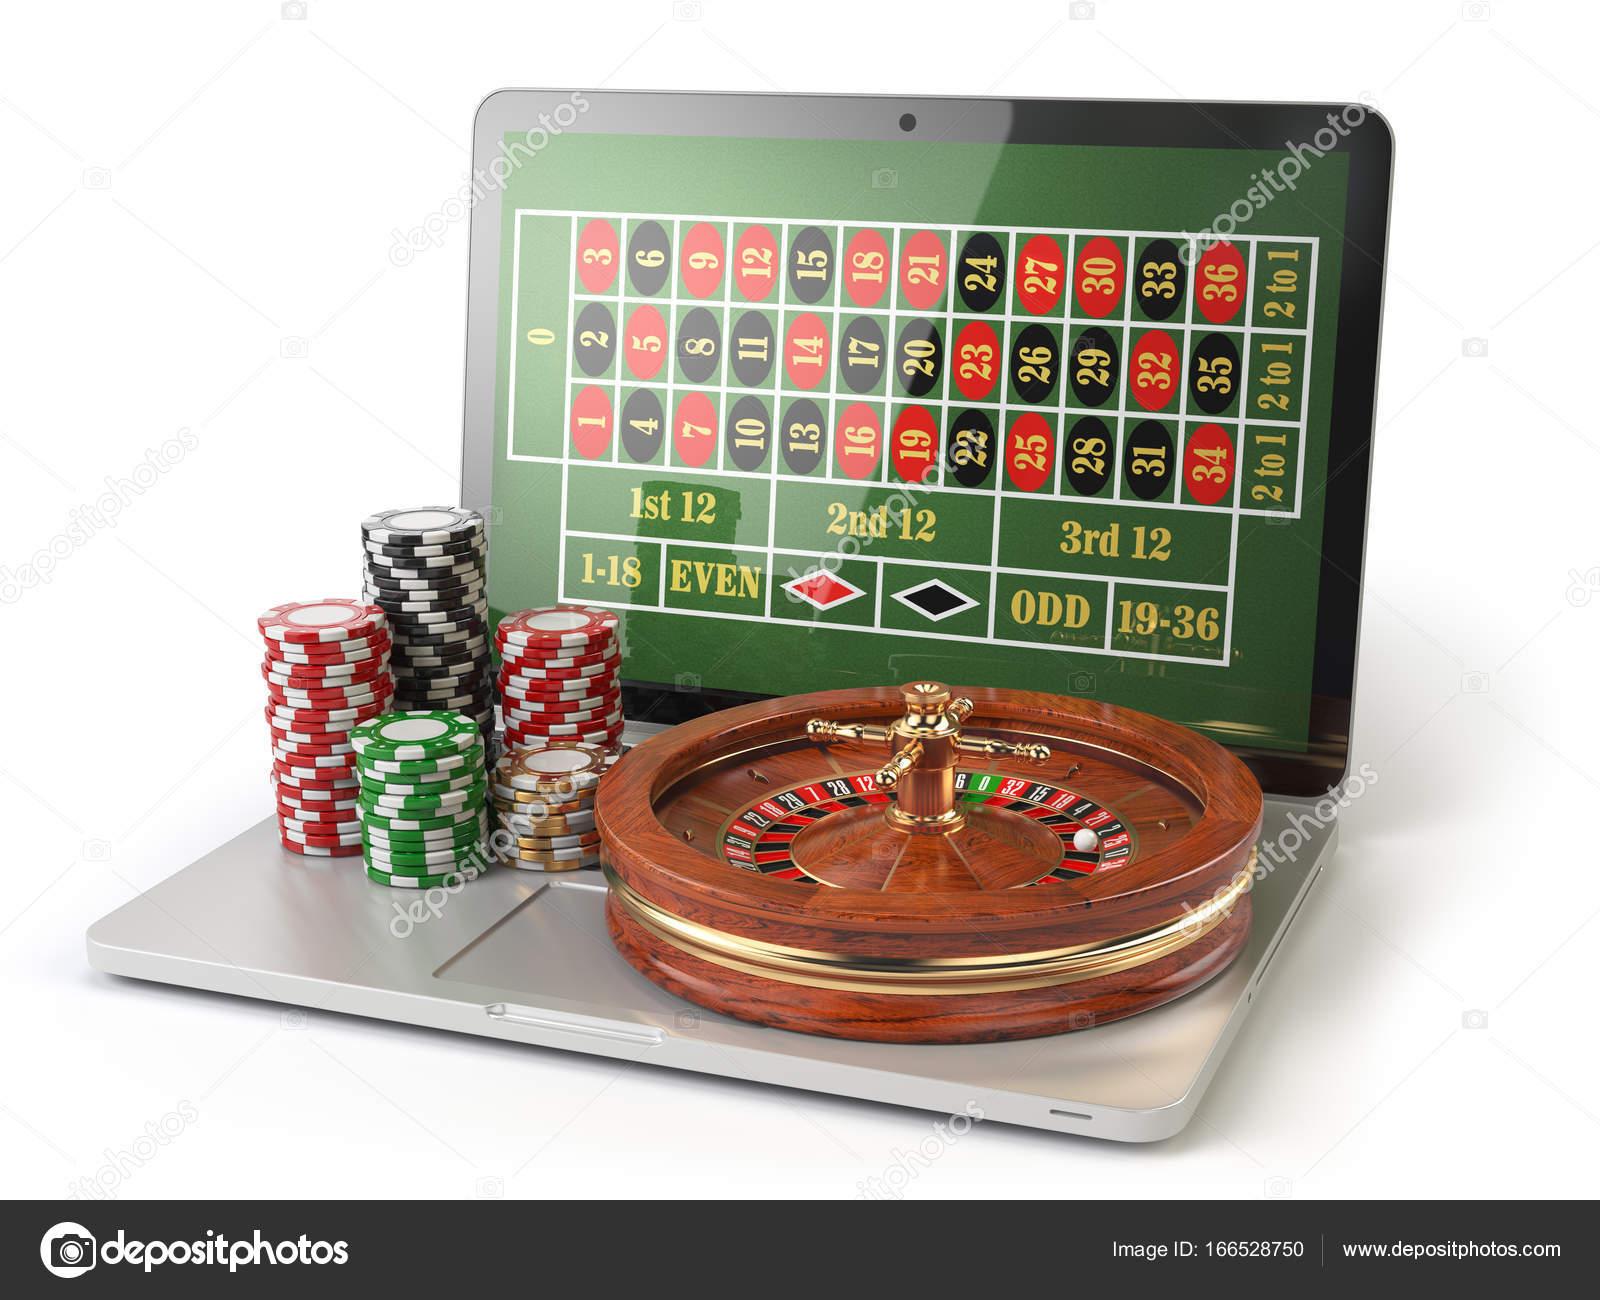 Играть автоматы покер только онлайн бесплатно что ждёт игровые автоматы в 2009 году